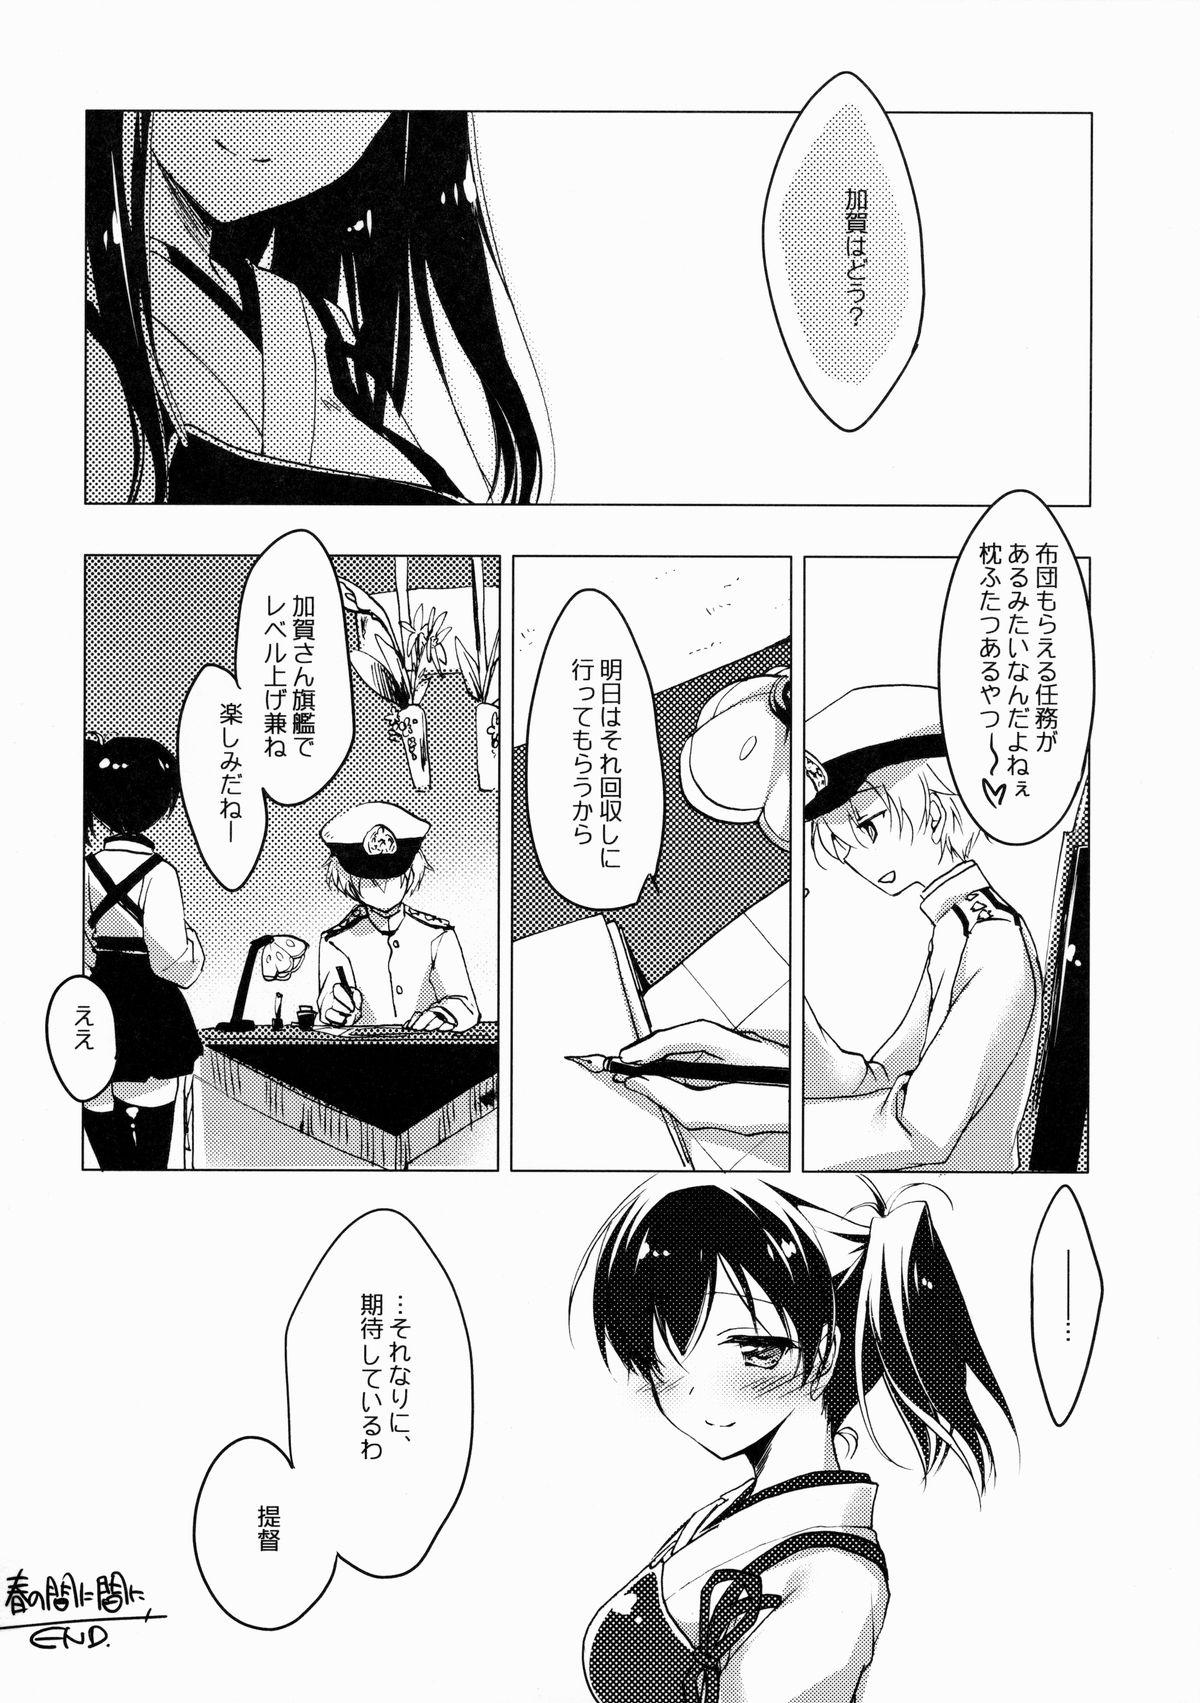 Haru no Mani Mani 24